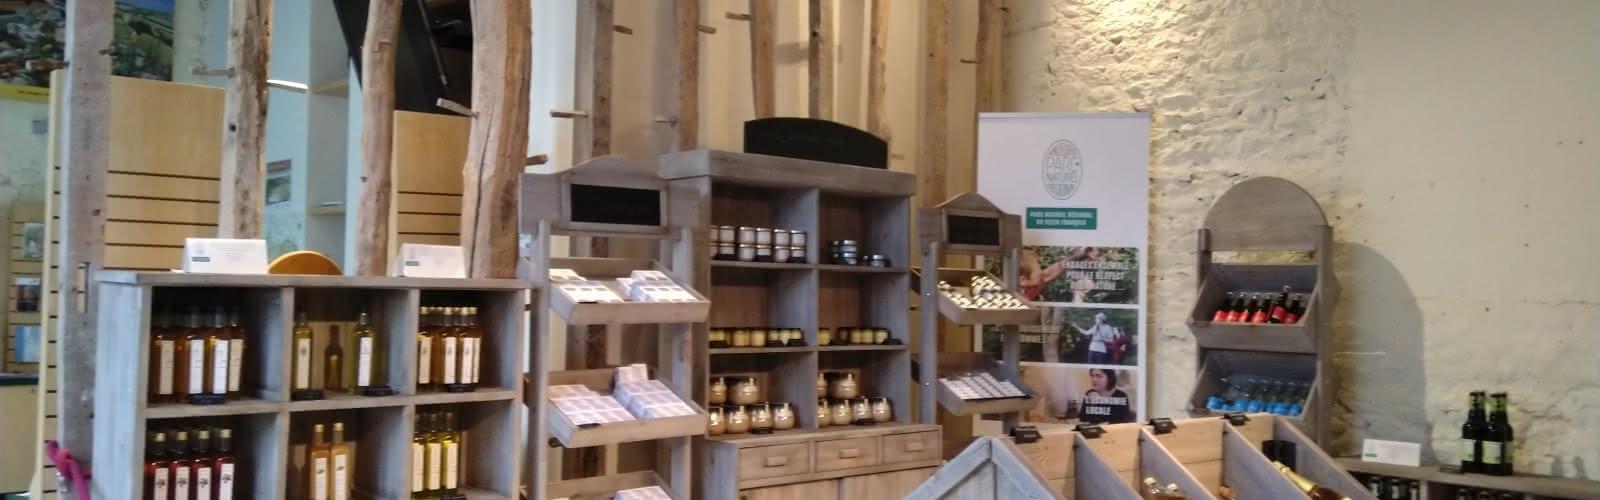 Boutique du Parc - Théméricourt